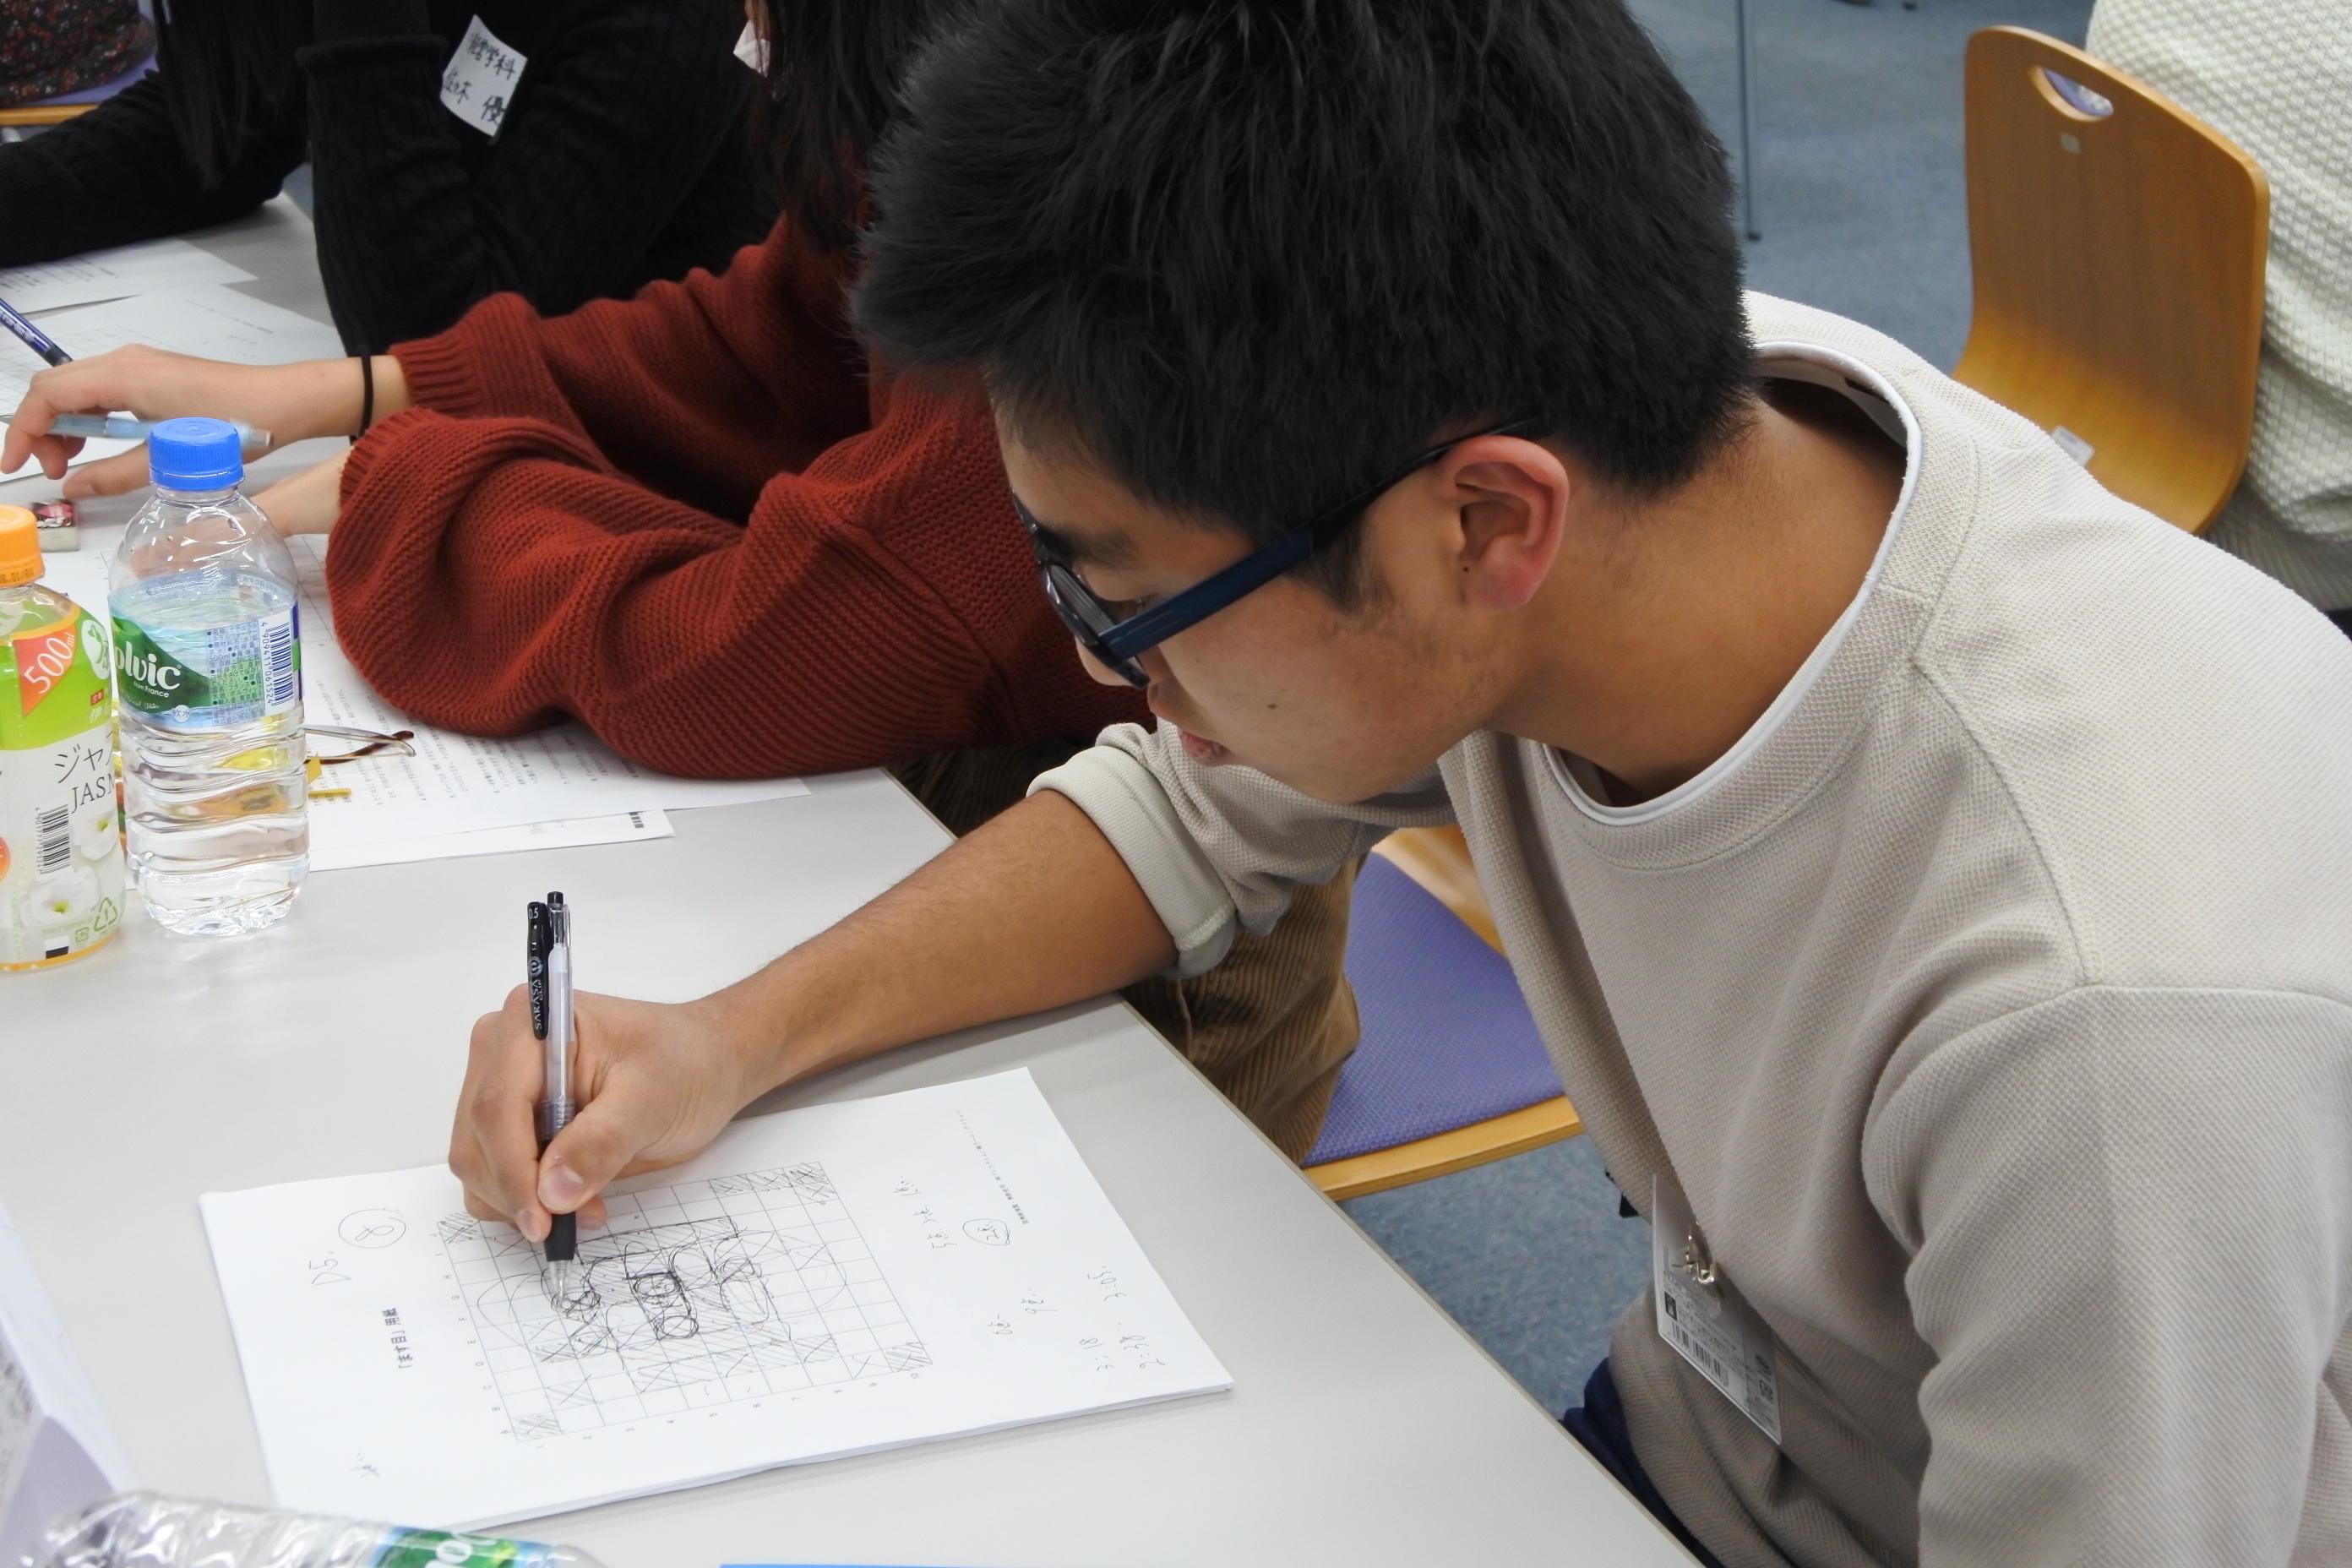 成城大学 <新入生支援>大学生活スタートアップセミナーを実施しました